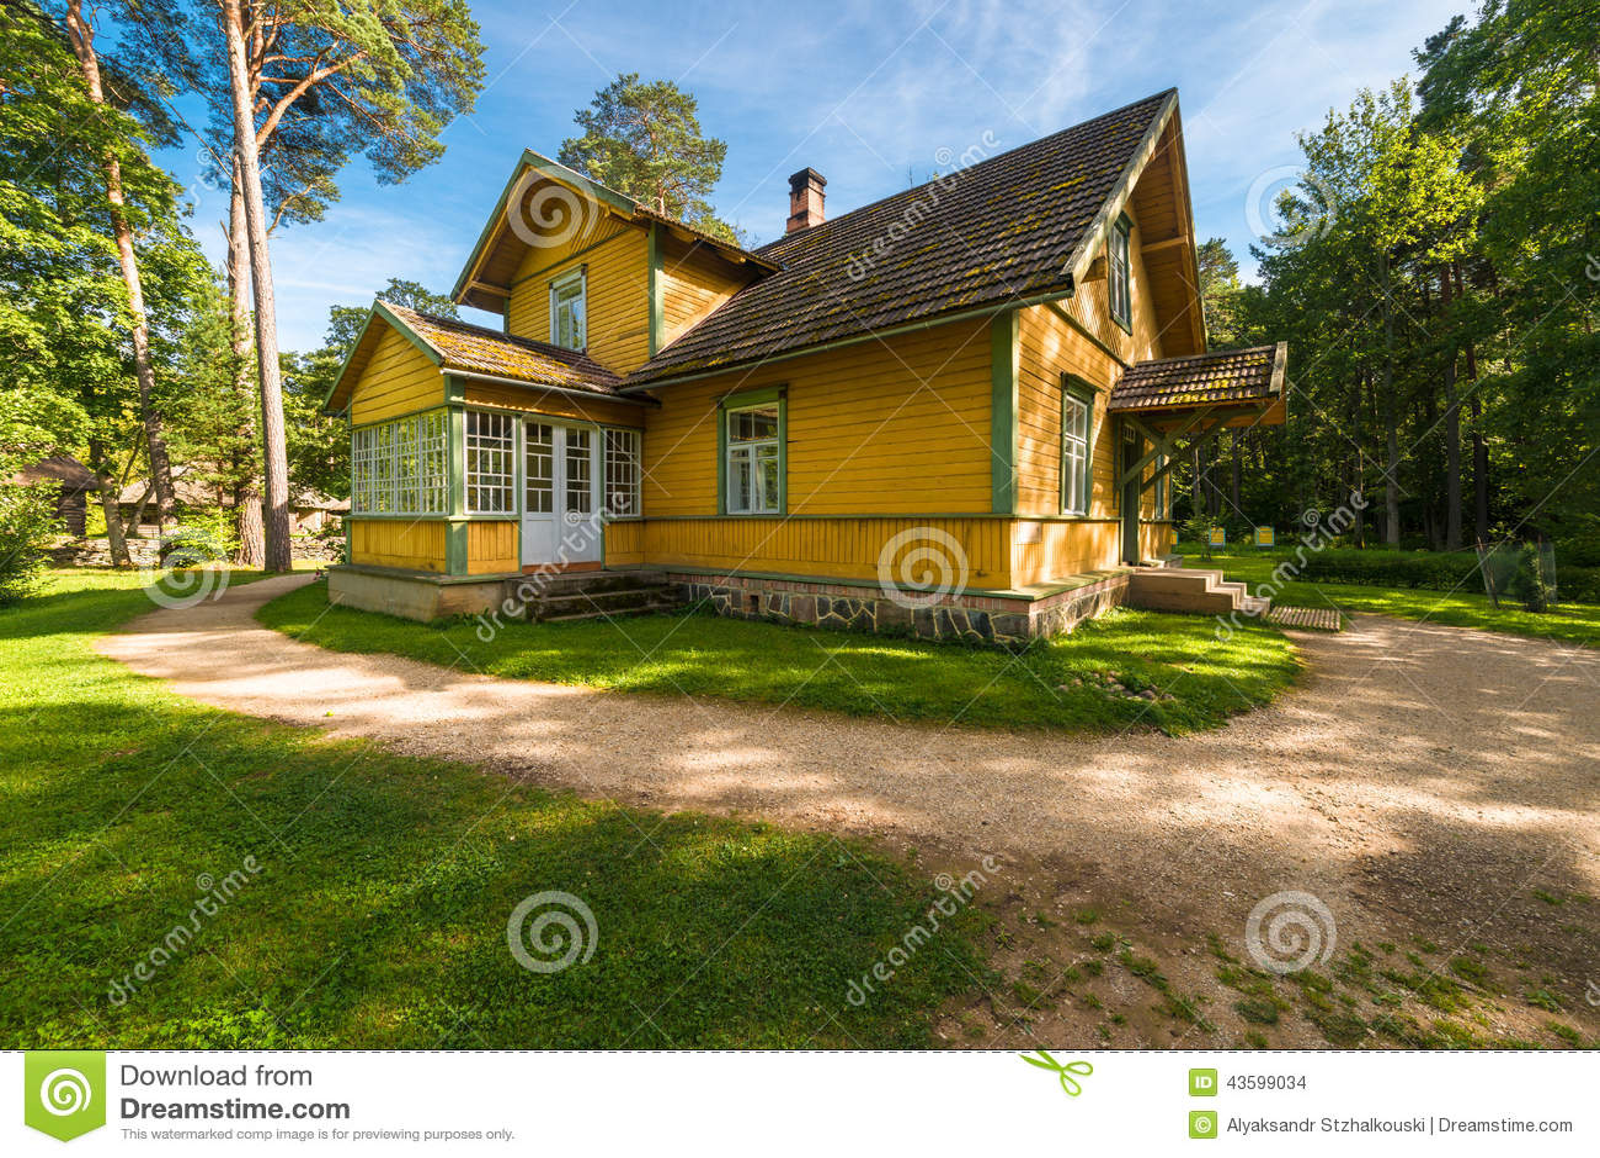 Colore esterno casa di campagna - Colore esterno casa campagna ...